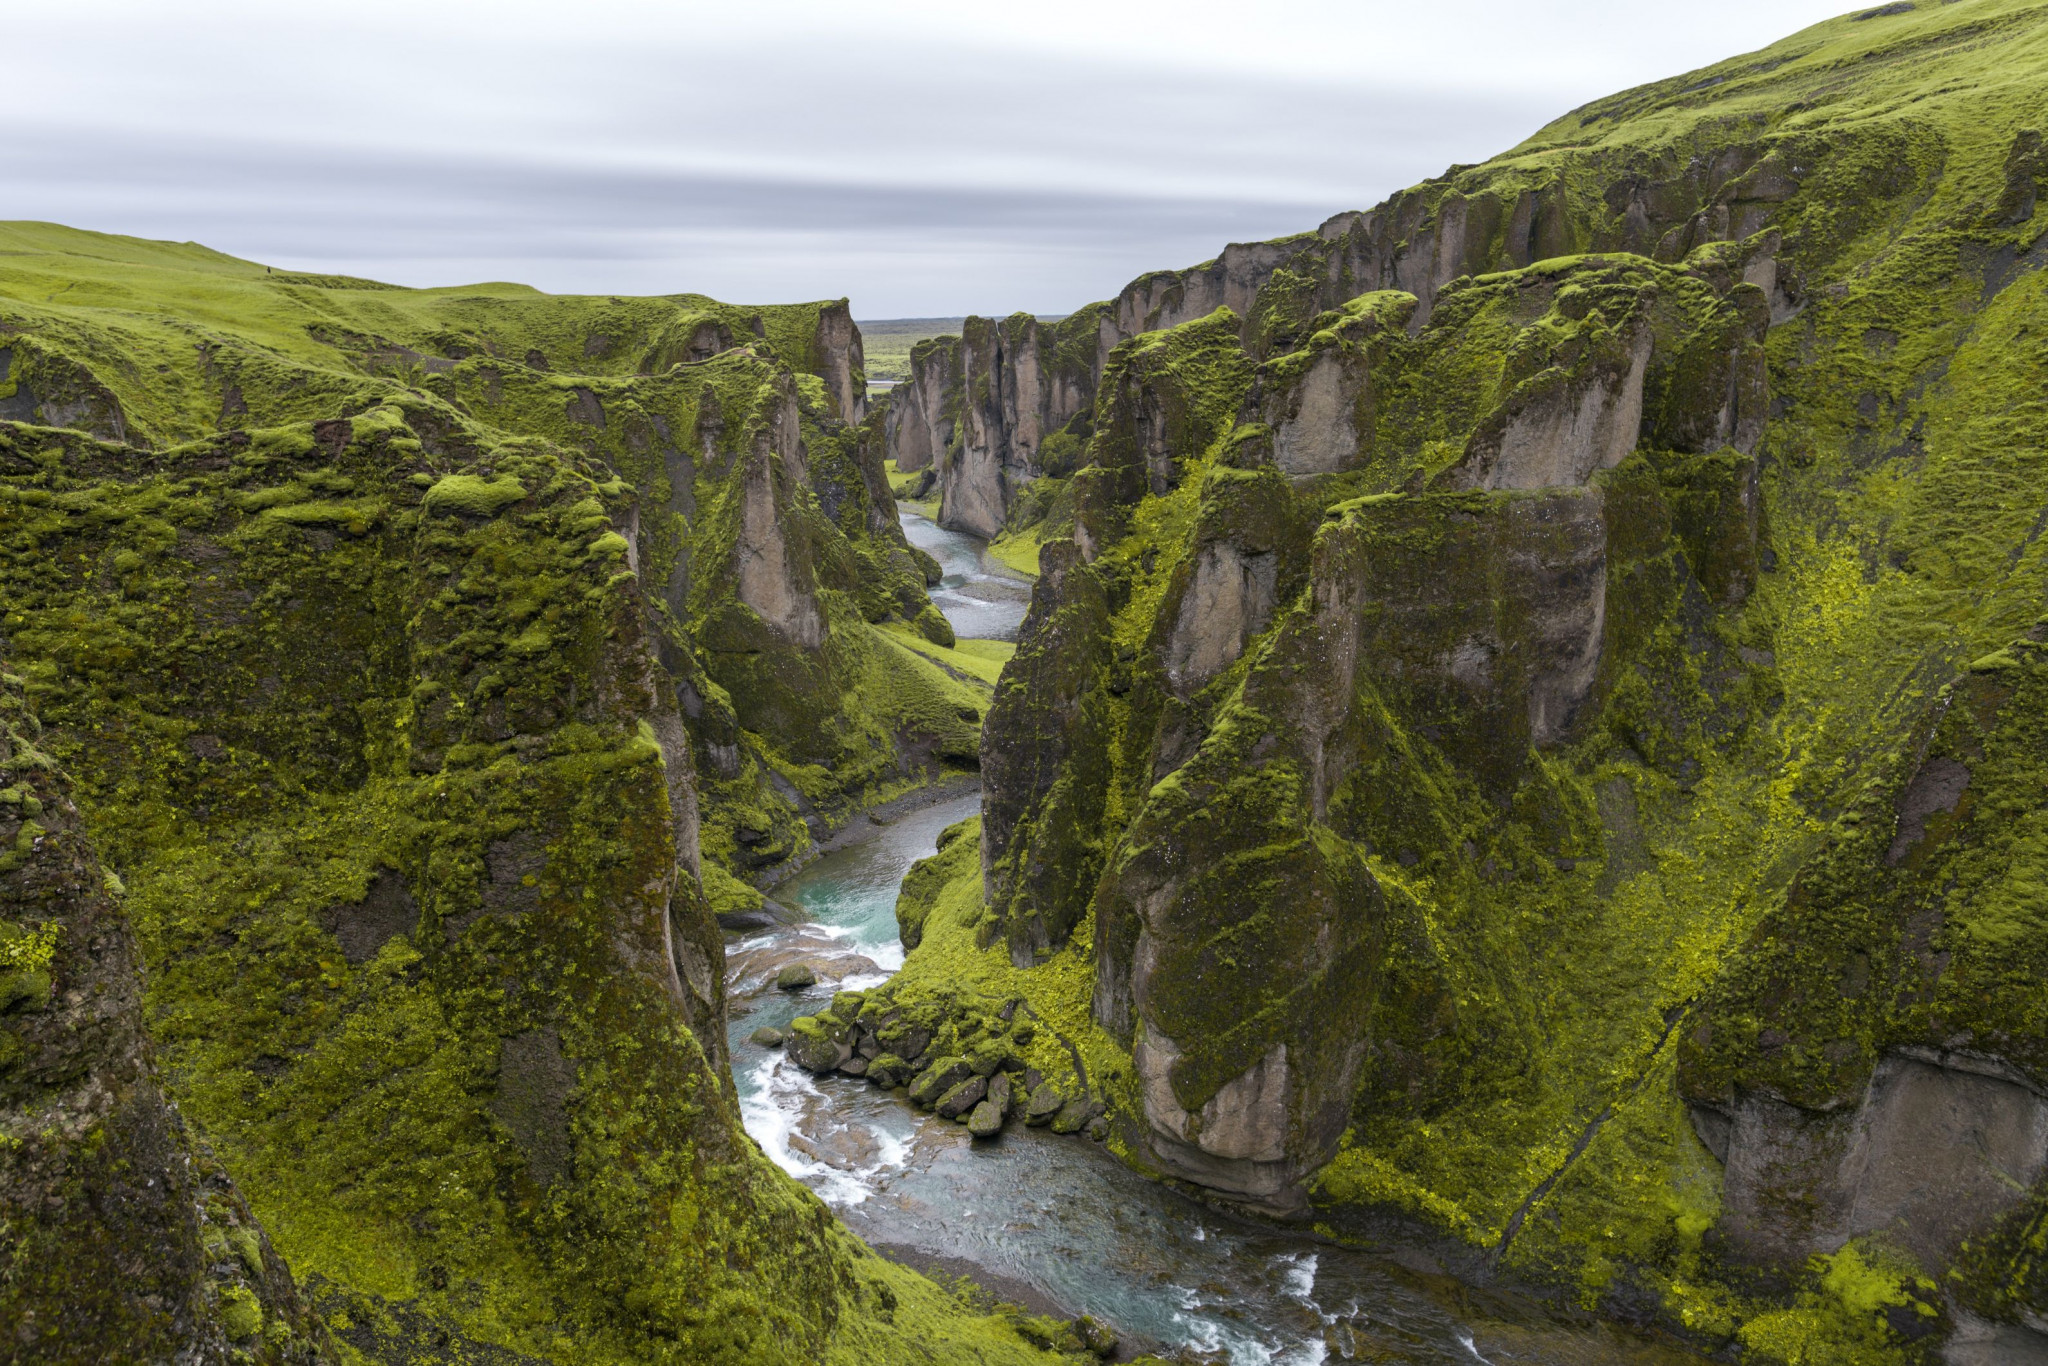 Carnet de voyage : l'Islande, l'île enchantée